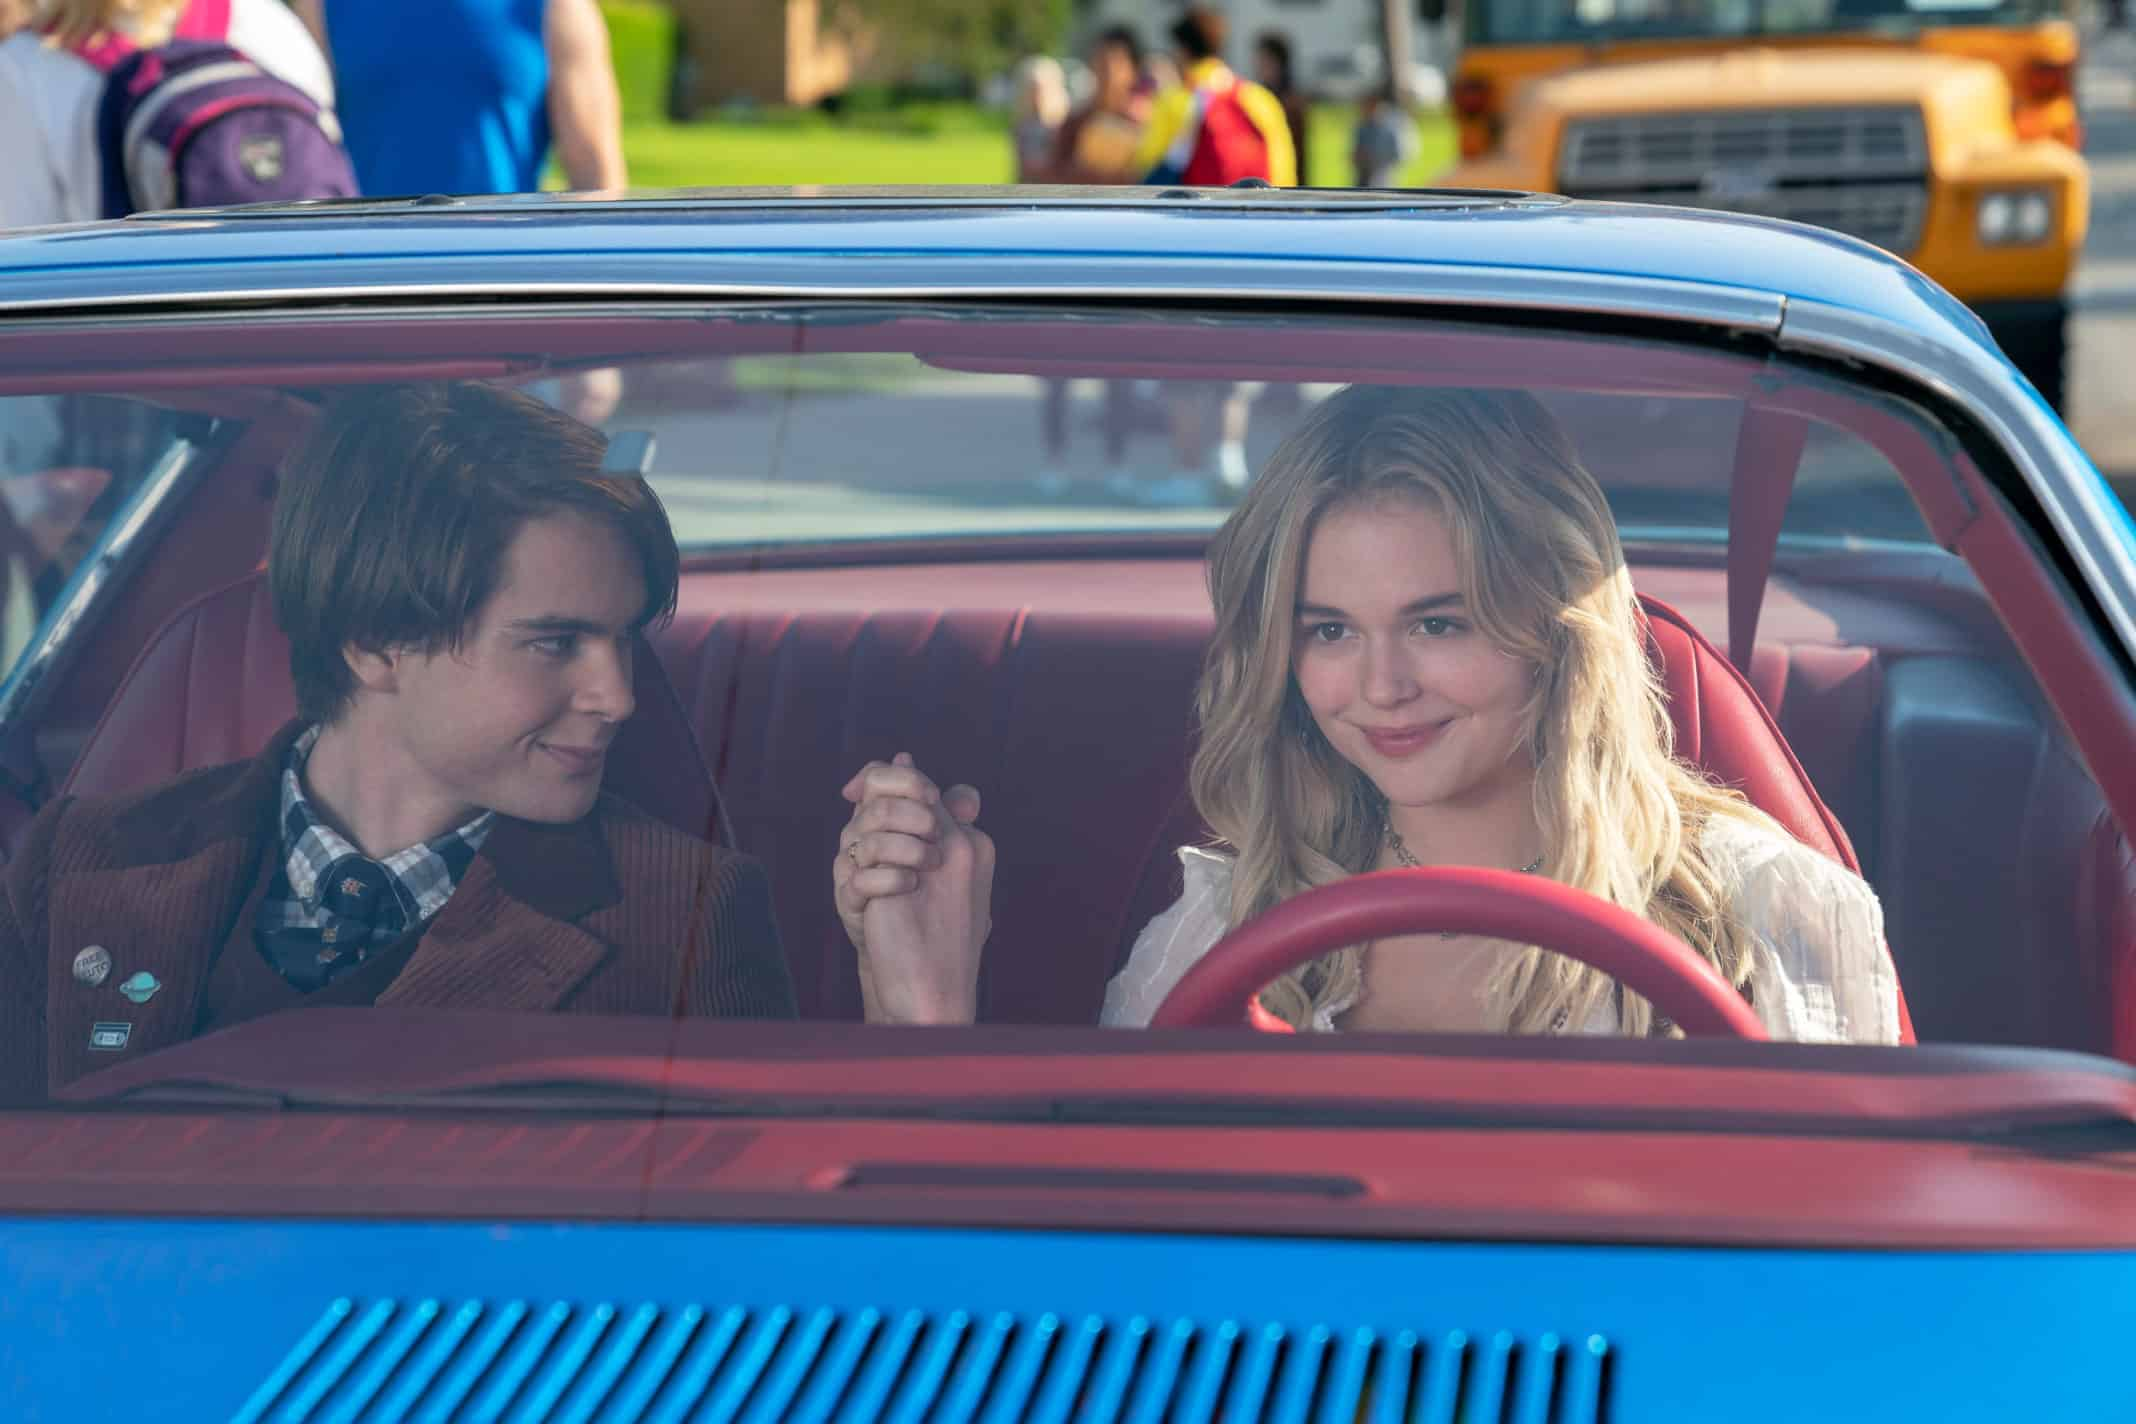 JUDAH LEWIS as COLE and EMILY ALYN LIND as MELANIE in Melanie's dad's car.